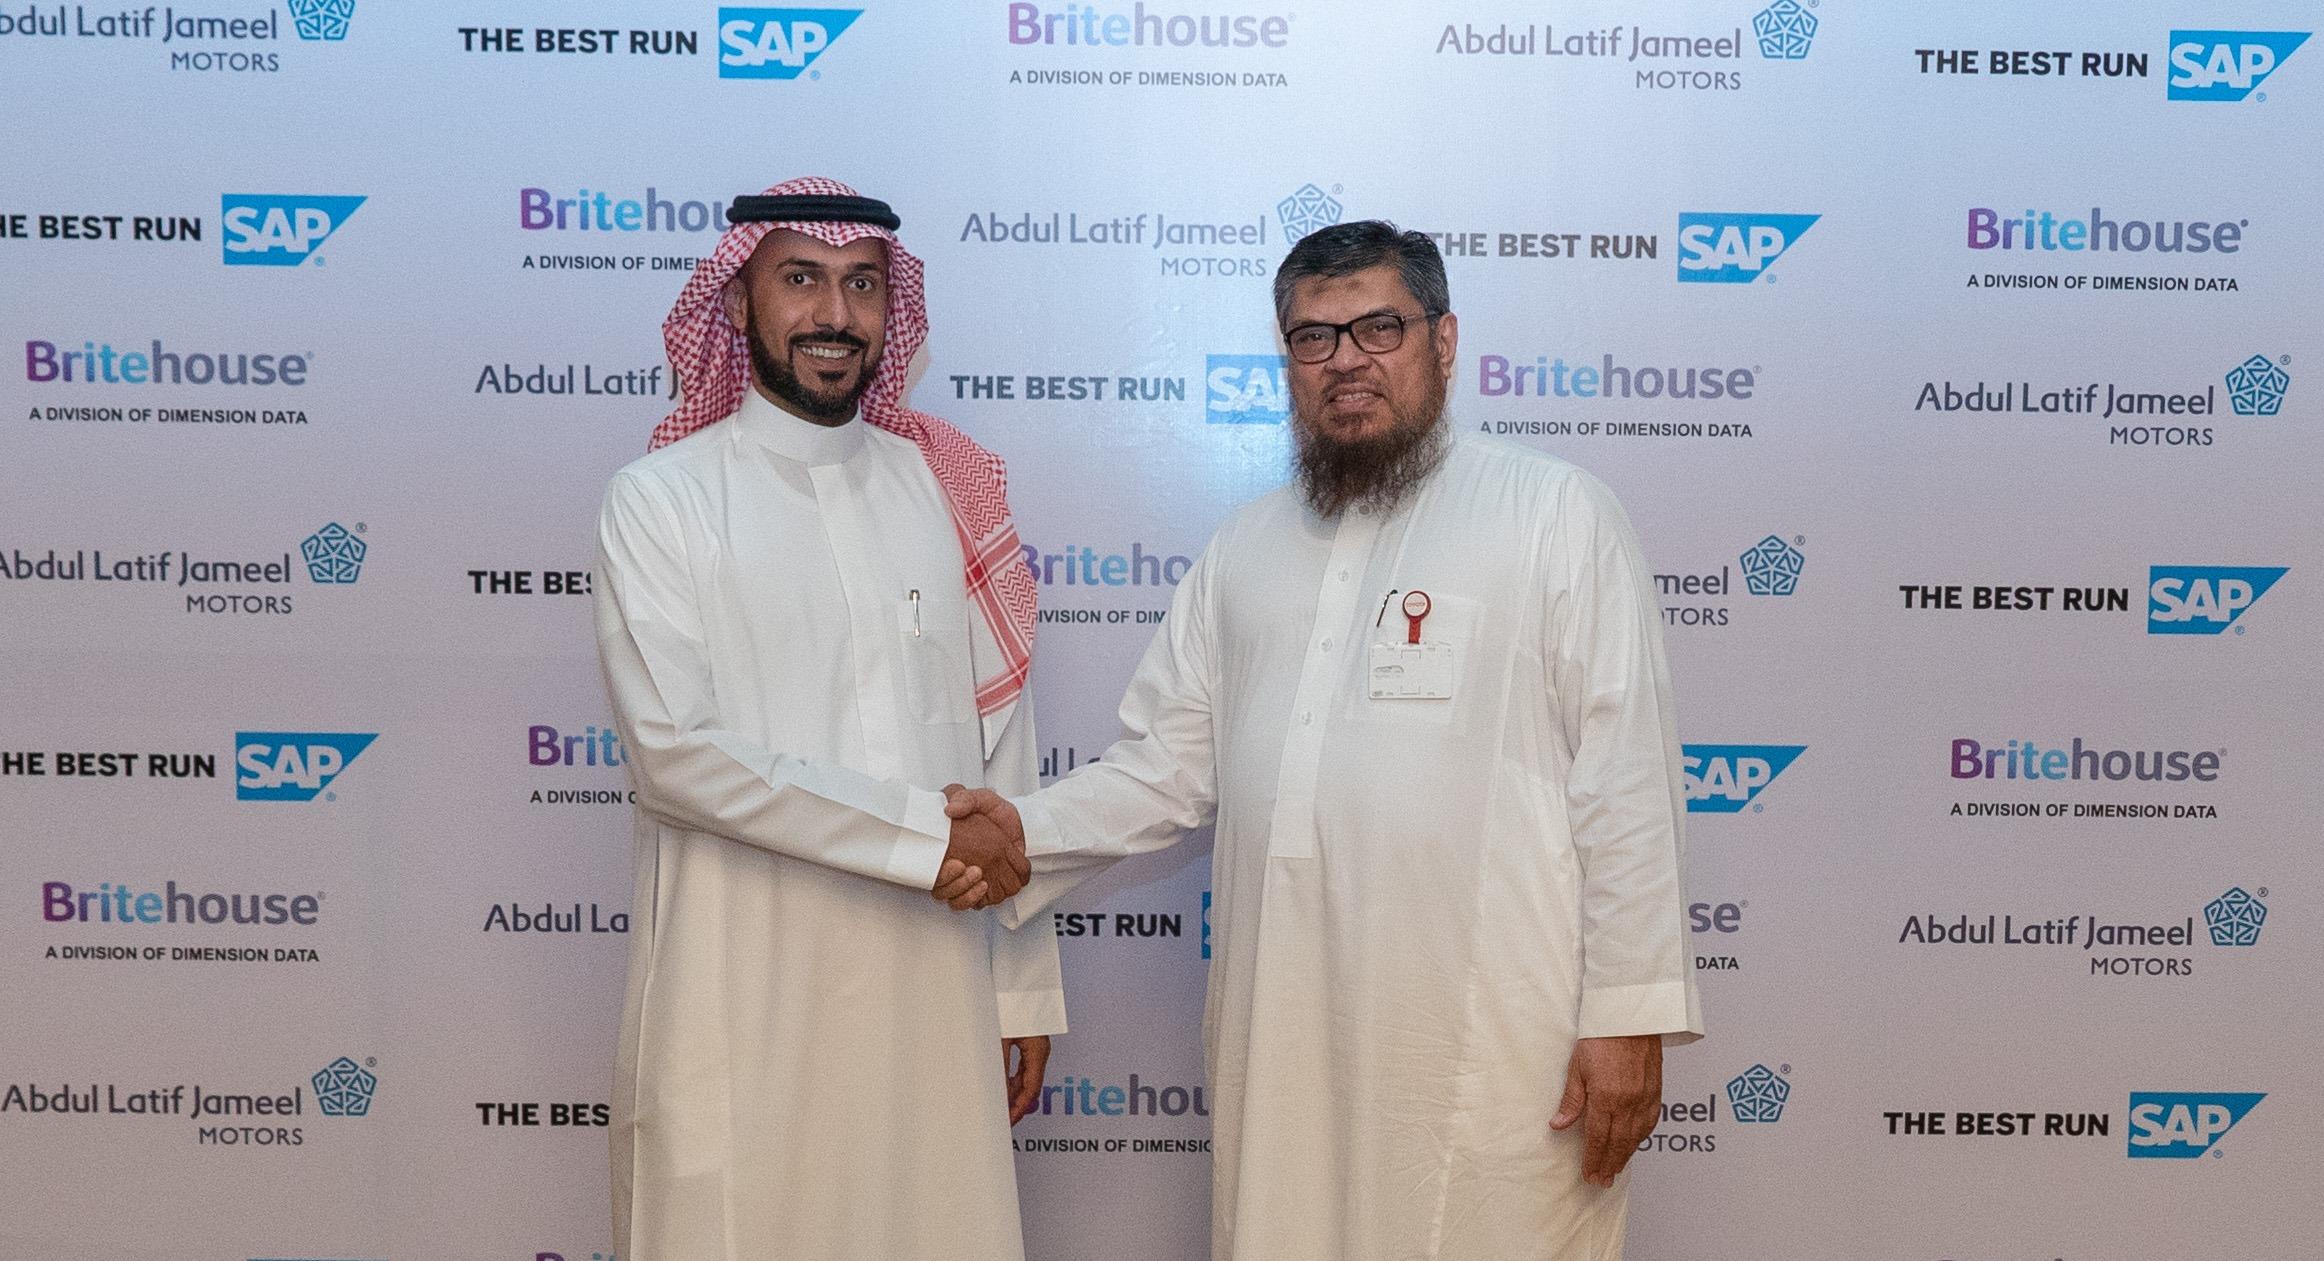 عبداللطيف جميل للسيارات تحصد ذهبية ساب (SAP) للجودة